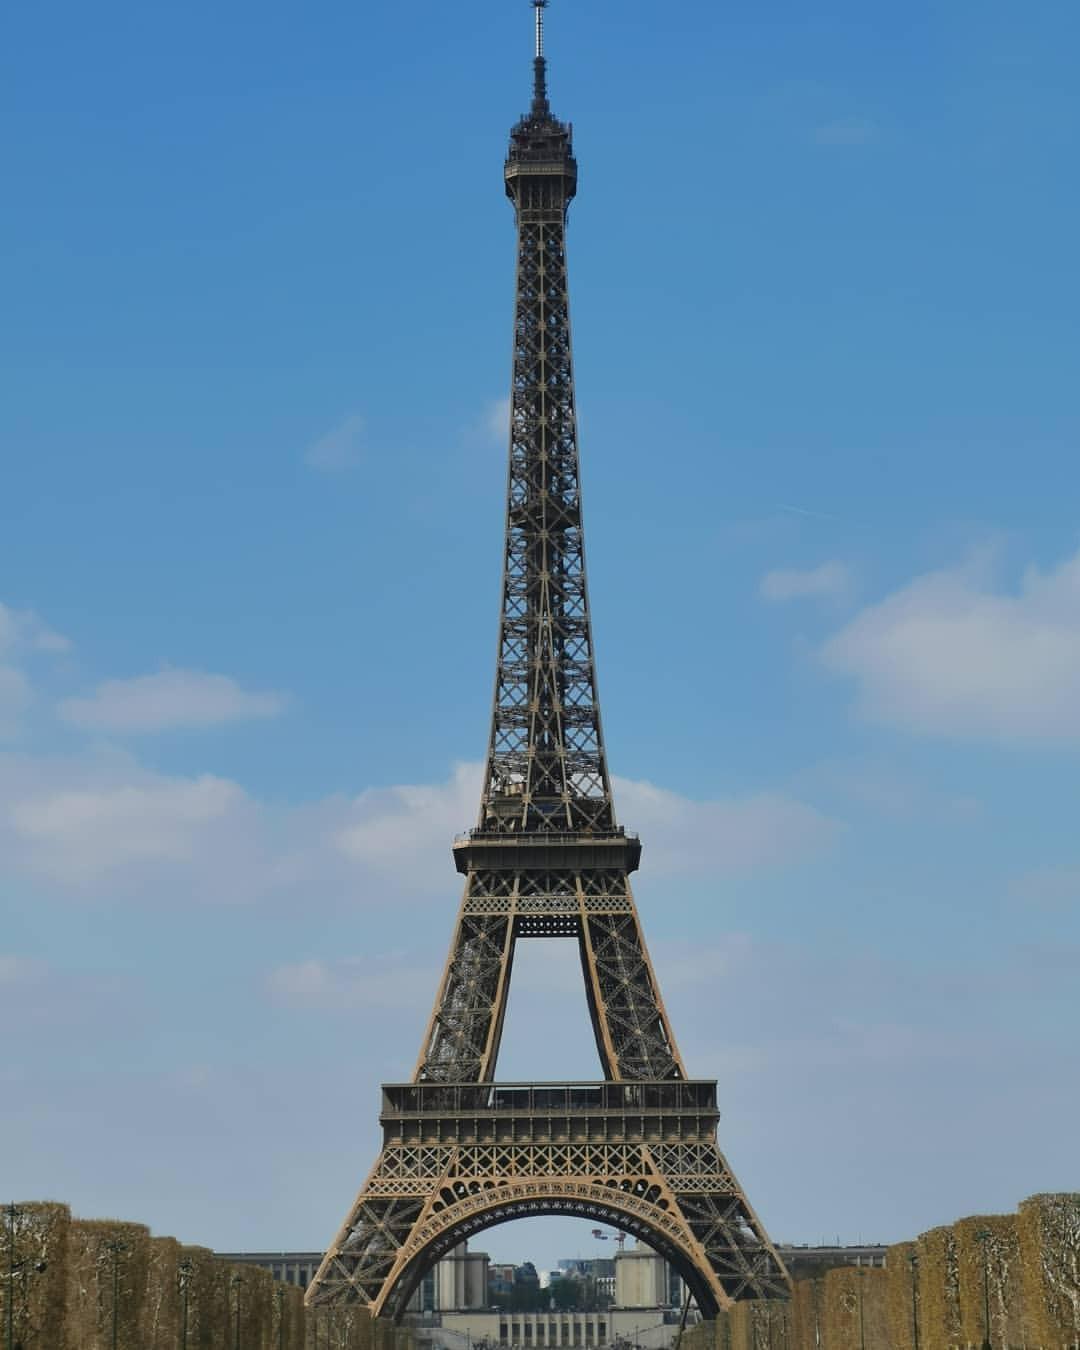 エッフェルエッフェルー (Torre Elfel Paris)https://www.instagram.com/p/Bvgy8faAe-7/?utm_source=ig_tumblr_share&igshid=1vk5lvp9lkcj5